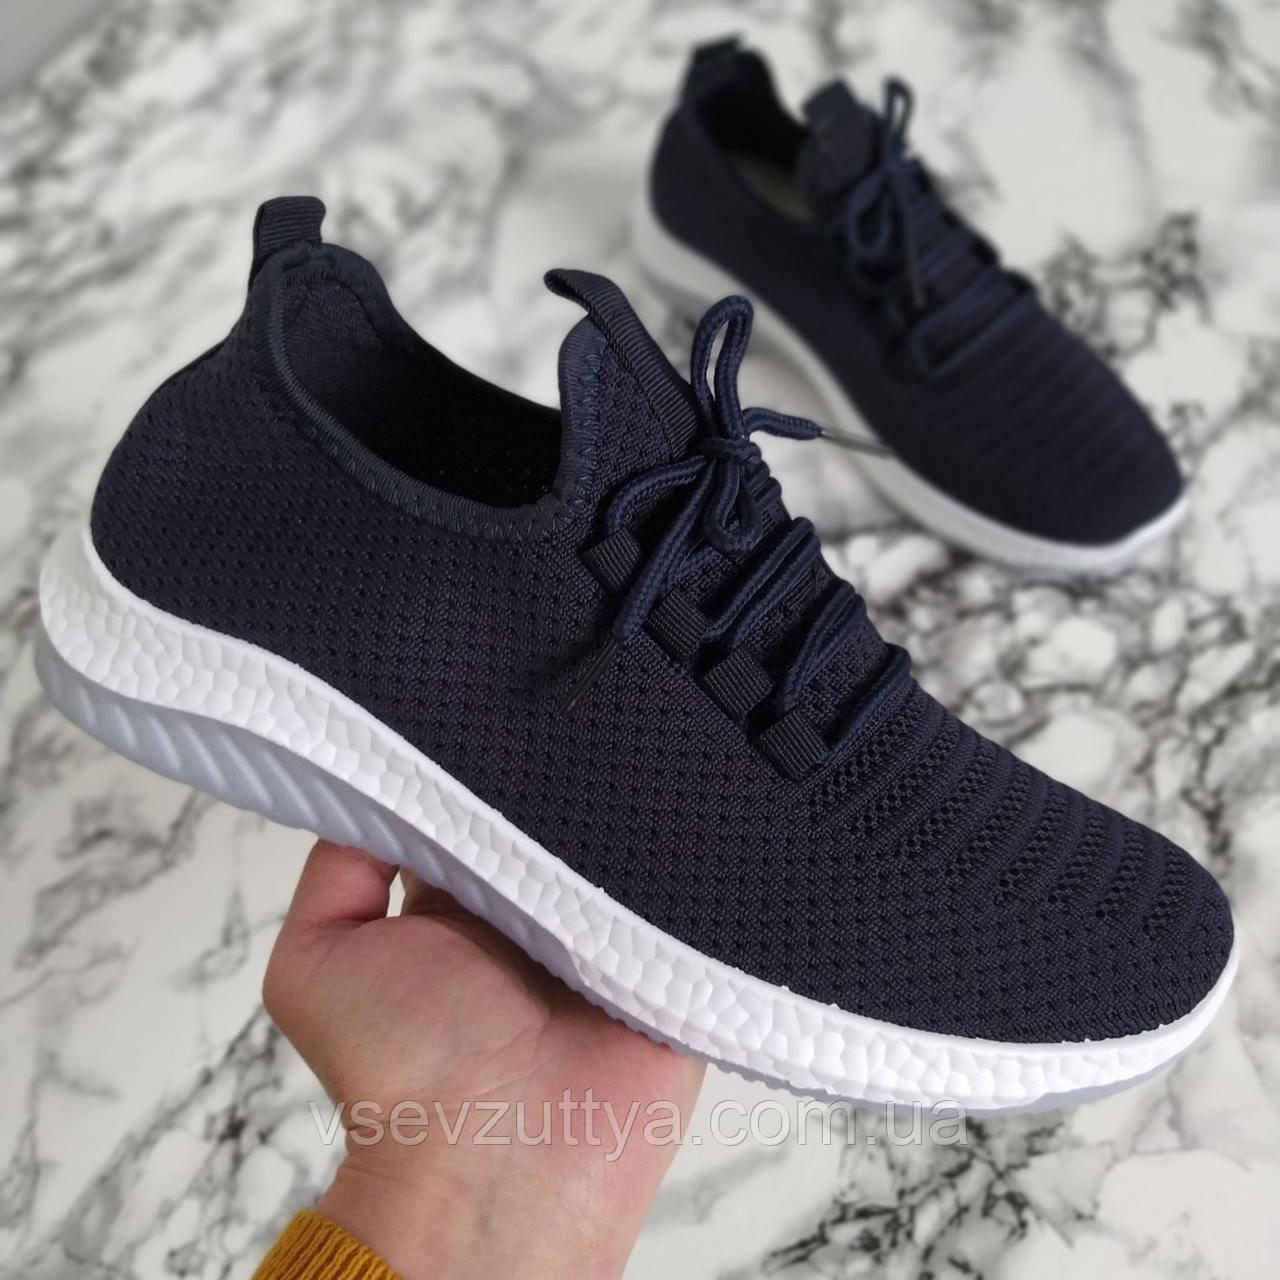 Кроссовки мужские текстильные синие